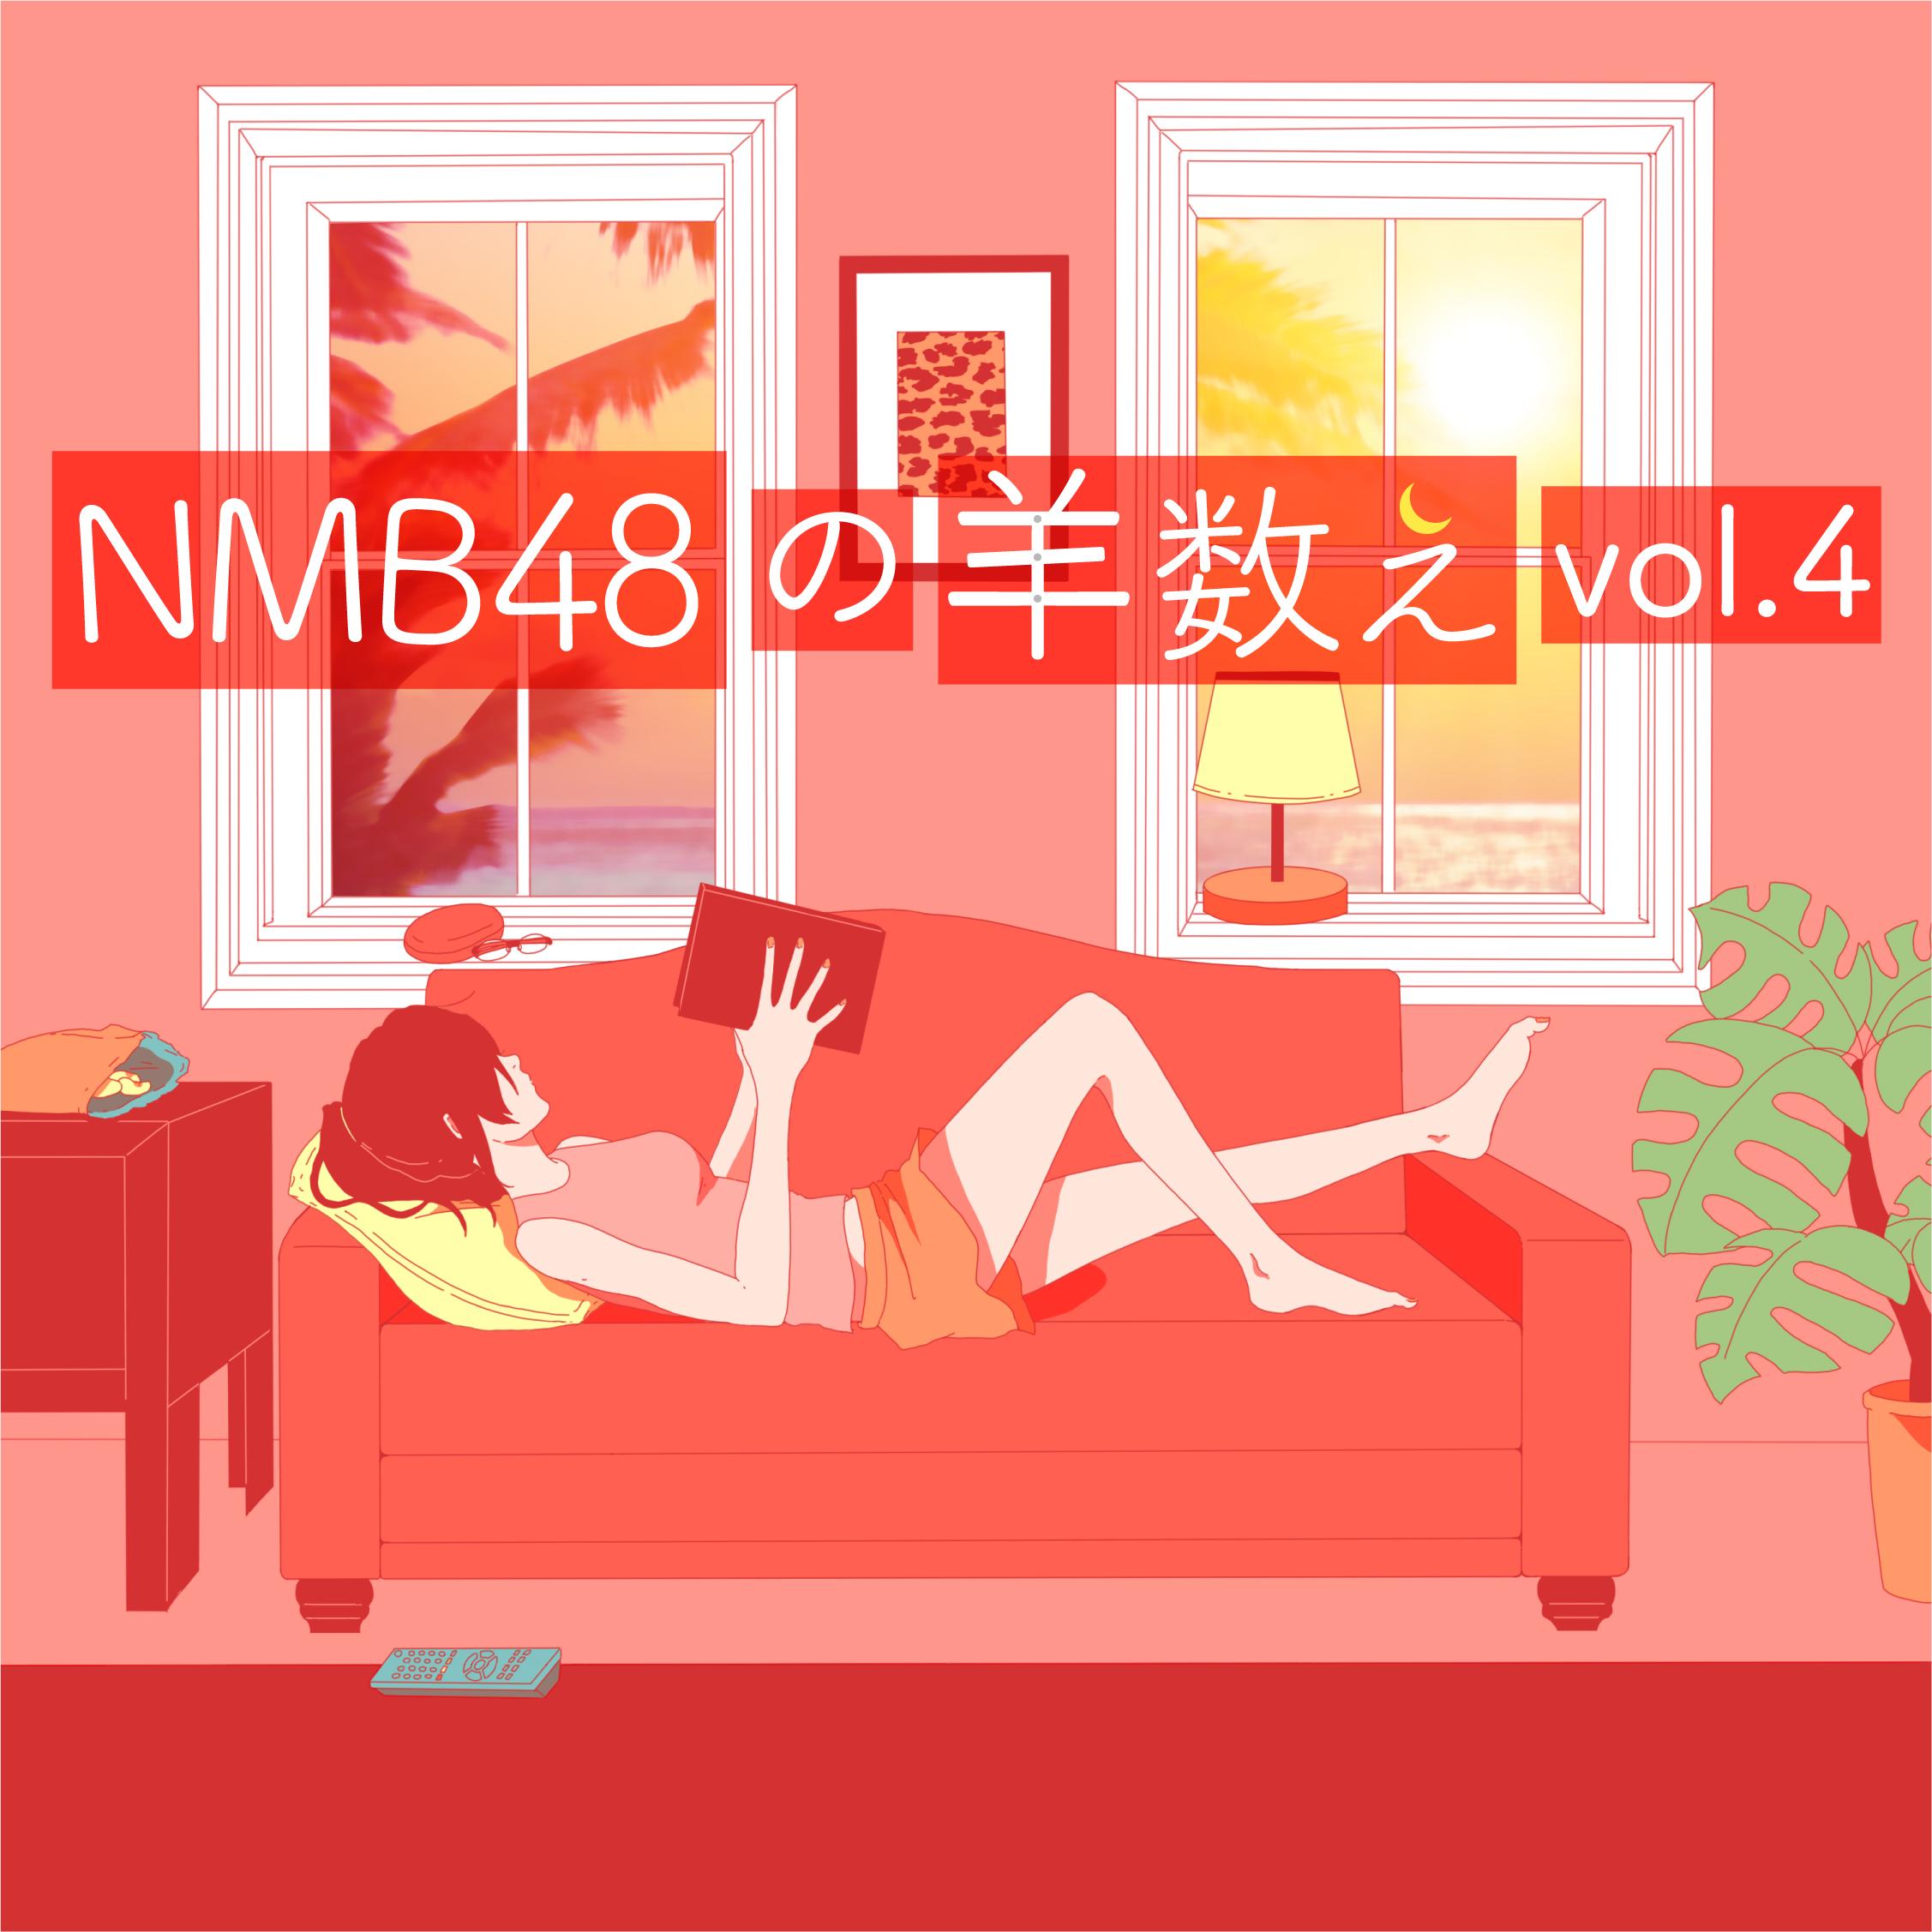 vol.4・・・梅山恋和/安田桃寧/横野すみれ/吉田朱里